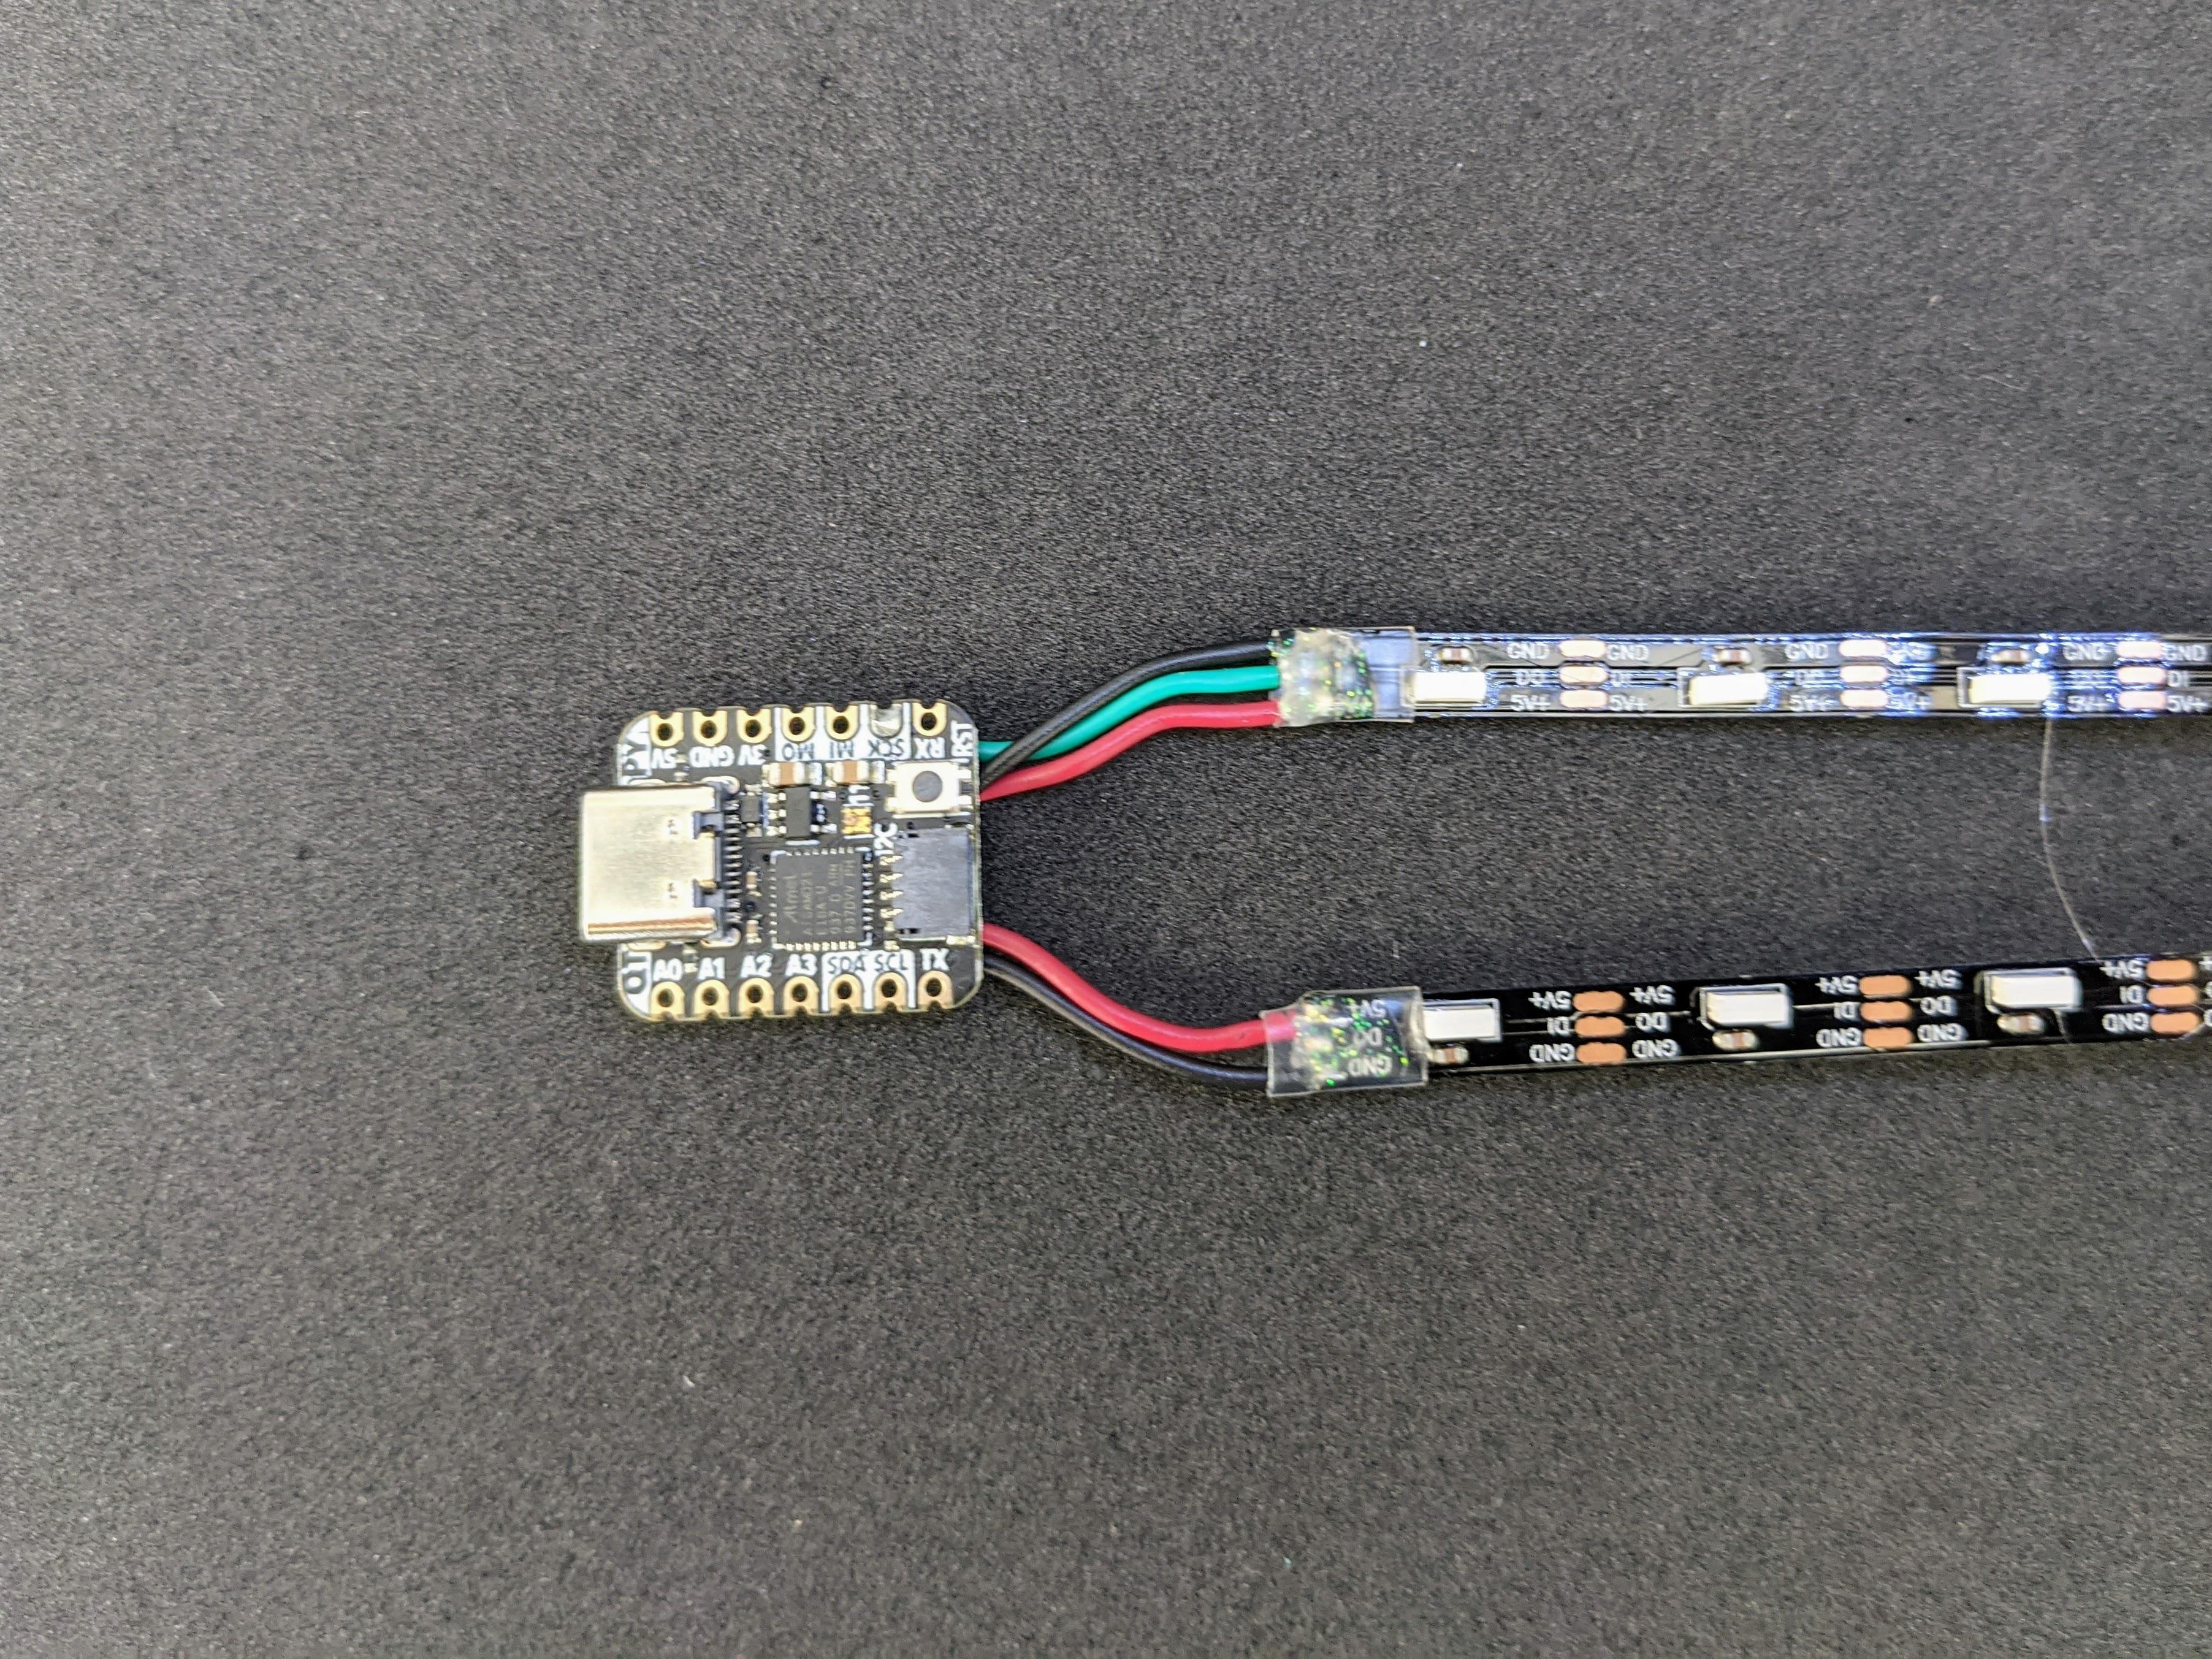 led_strips_PXL_20201013_204234250.jpg